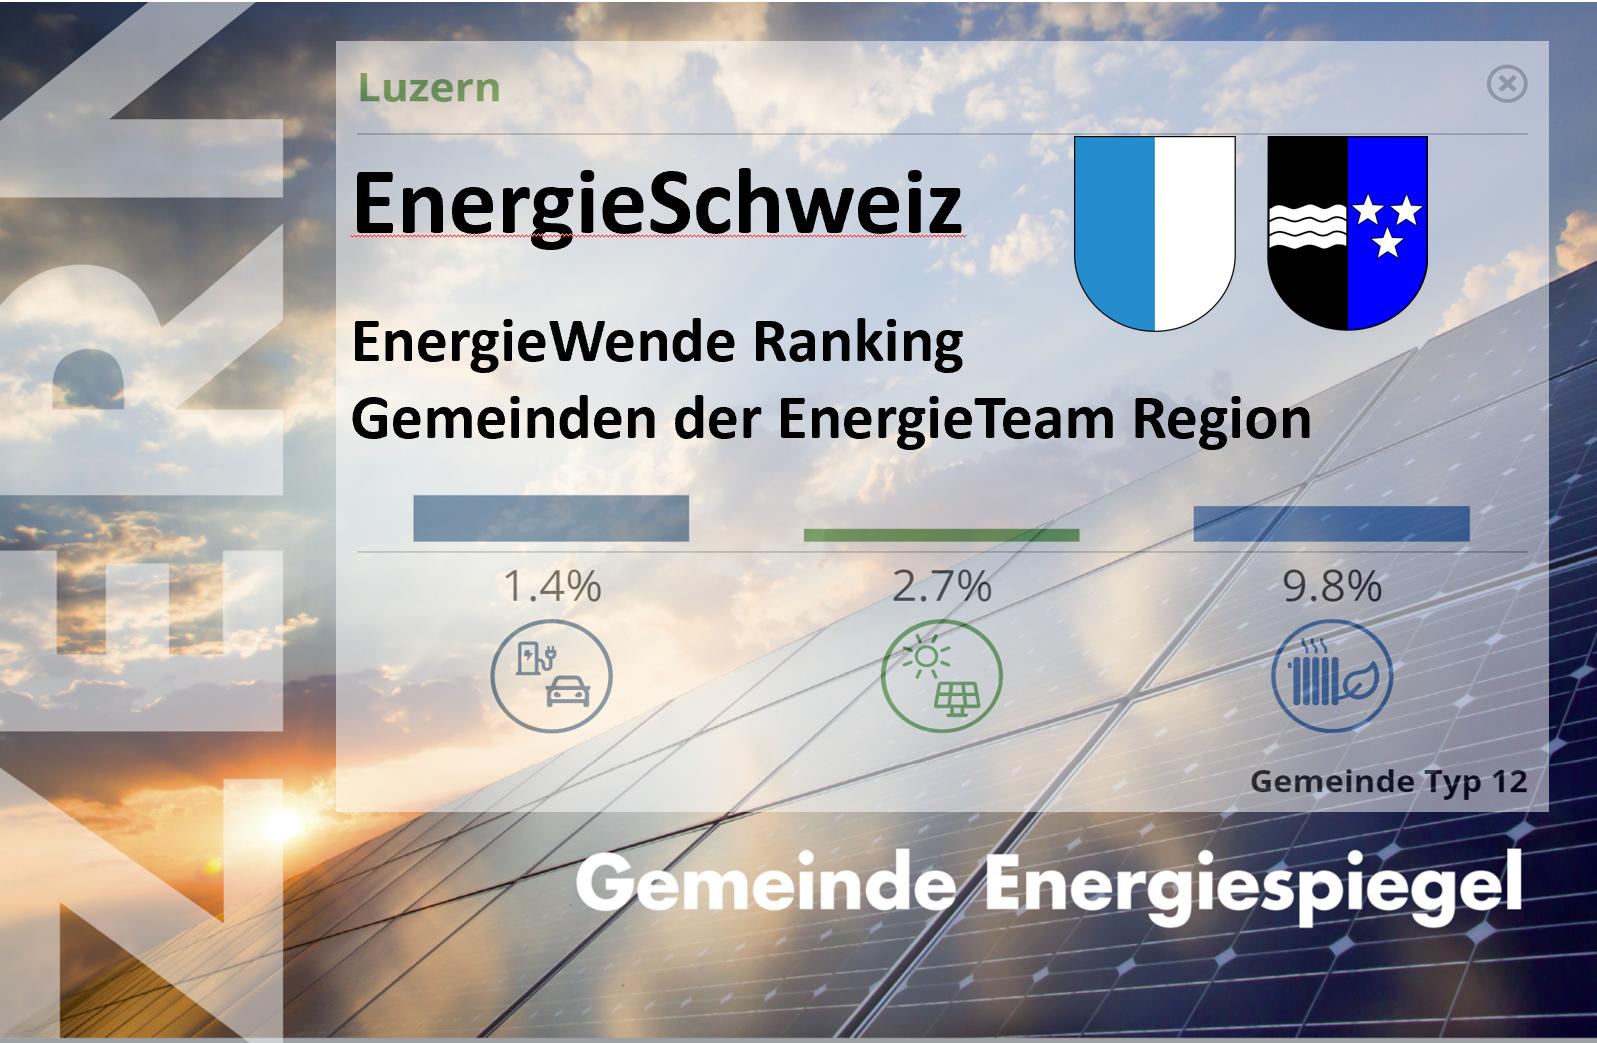 Gemeinden der EnergieTeam Region im Fortschritts-Vergleich - Wie haben die Gemeinden dem CO2 Gesetz zugestimmt, wo stehen sie in der EnergieWende?